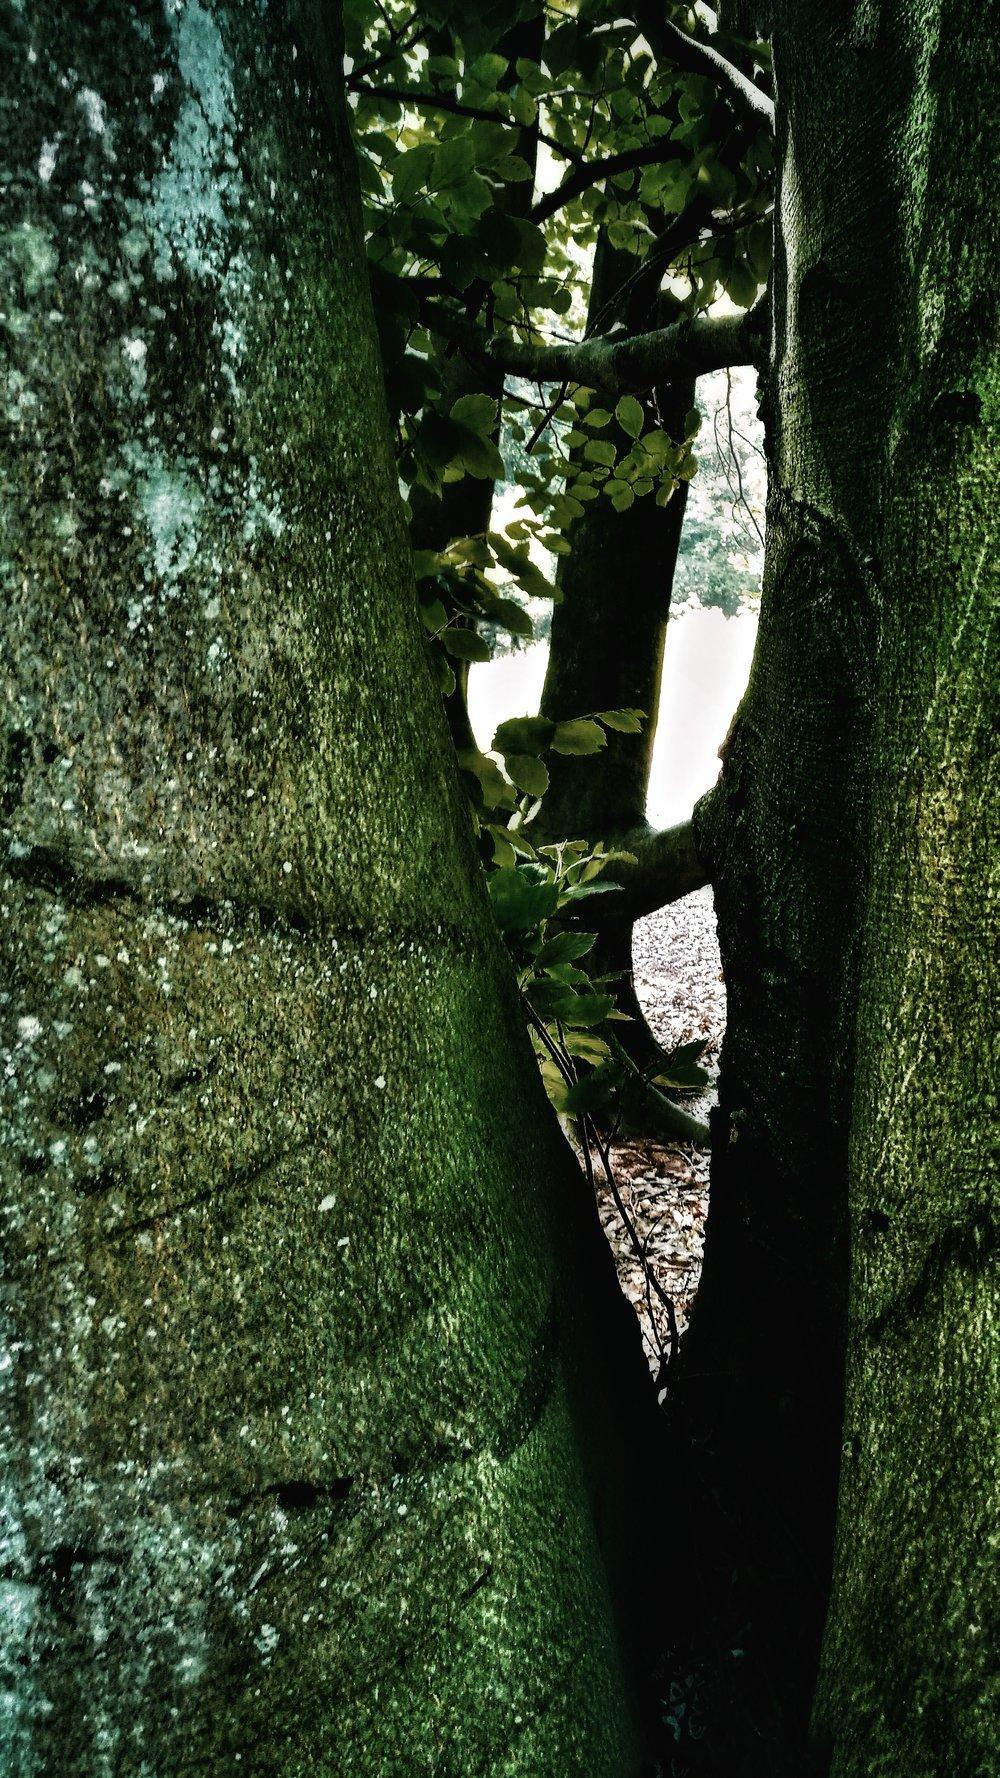 tree Baum stillness silence Ruhe Stille soul Seele green relax Entspannung